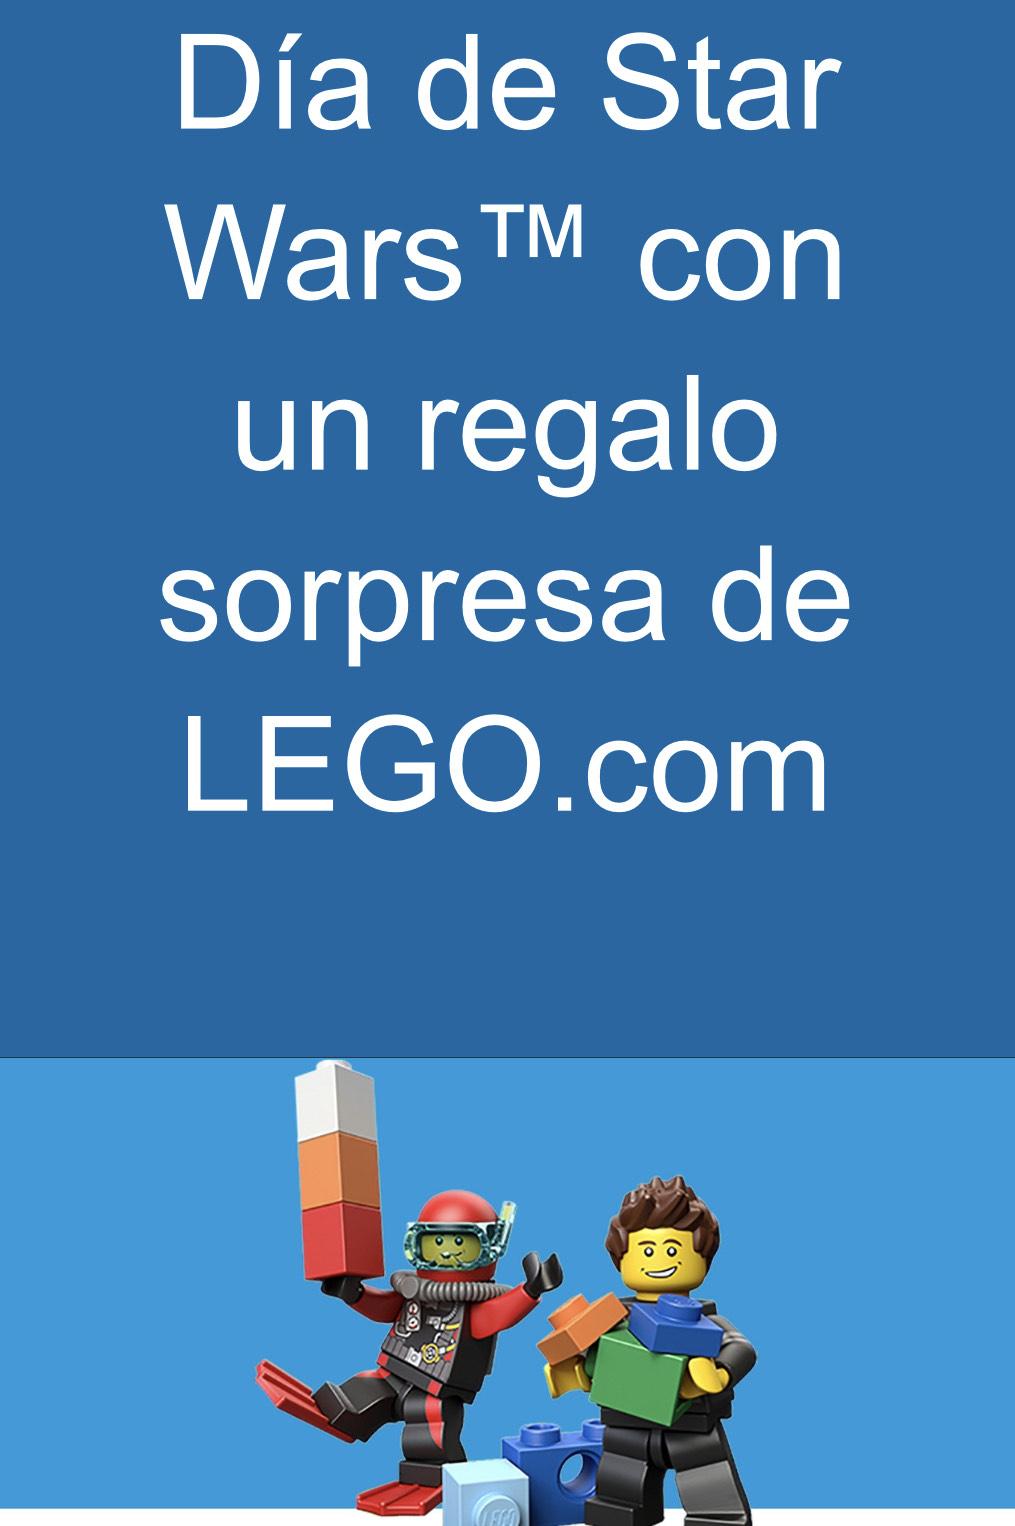 Regalo Lego sorpresa gastando 15€ en PayPal( Hay que utilizar cupón)